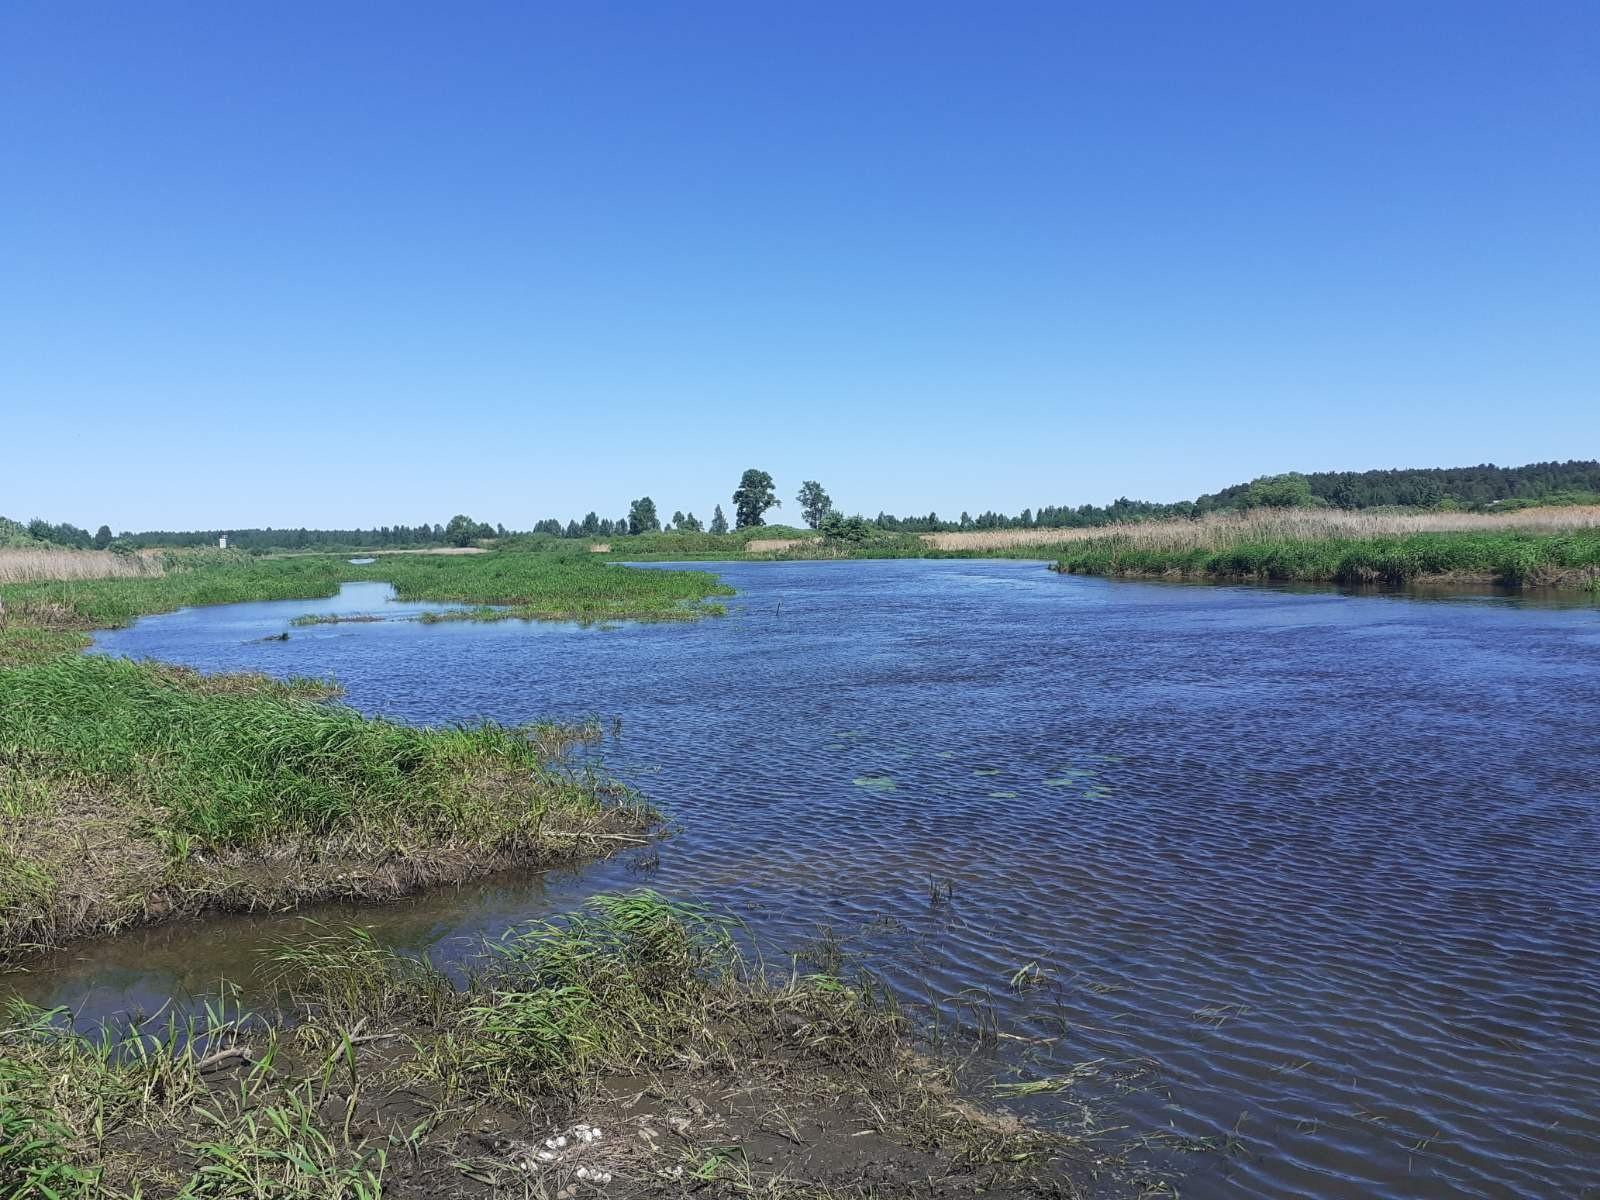 Происшествие на воде в н.п. Вознесенье Савинского м.р. в акватории реки Уводь.